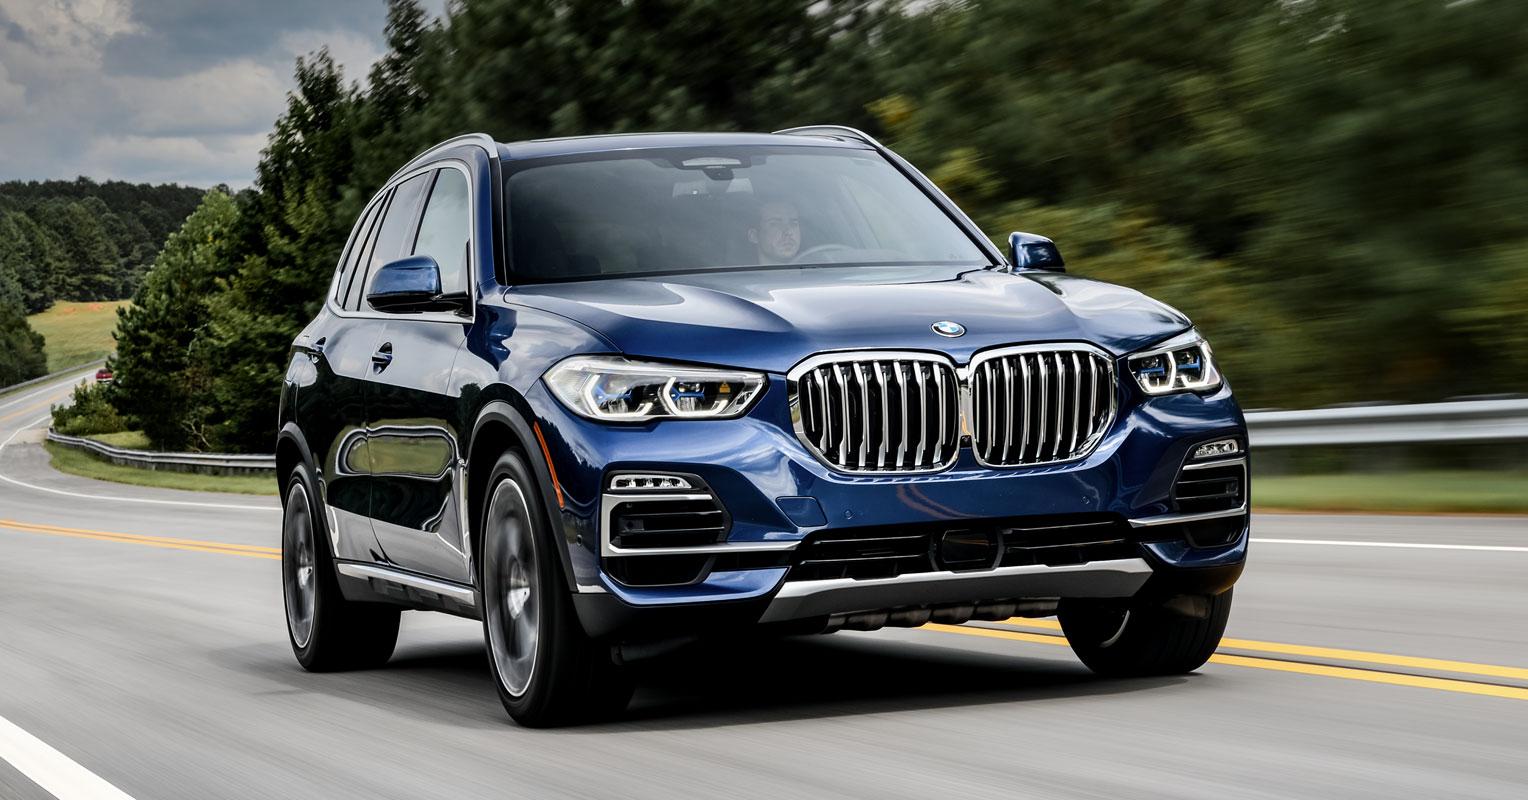 BMW X5 frontal